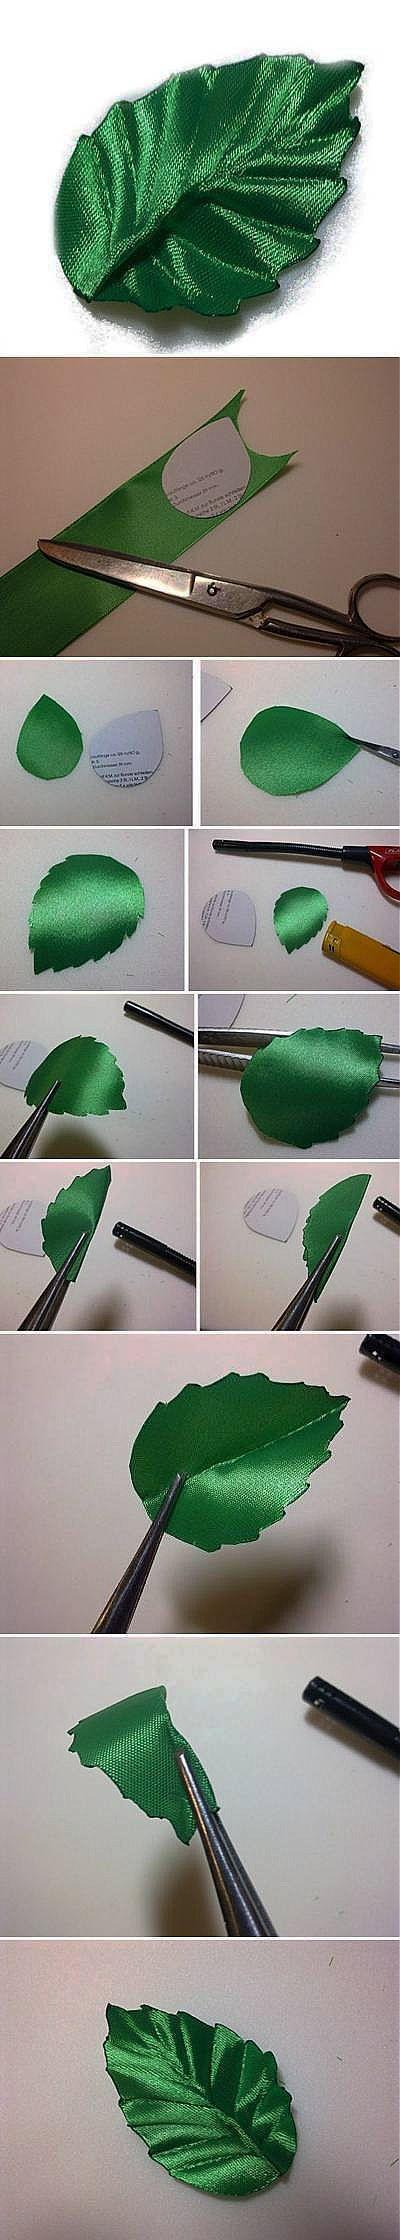 DIY-Ribbon- Как сделать листик из атласной ленты.